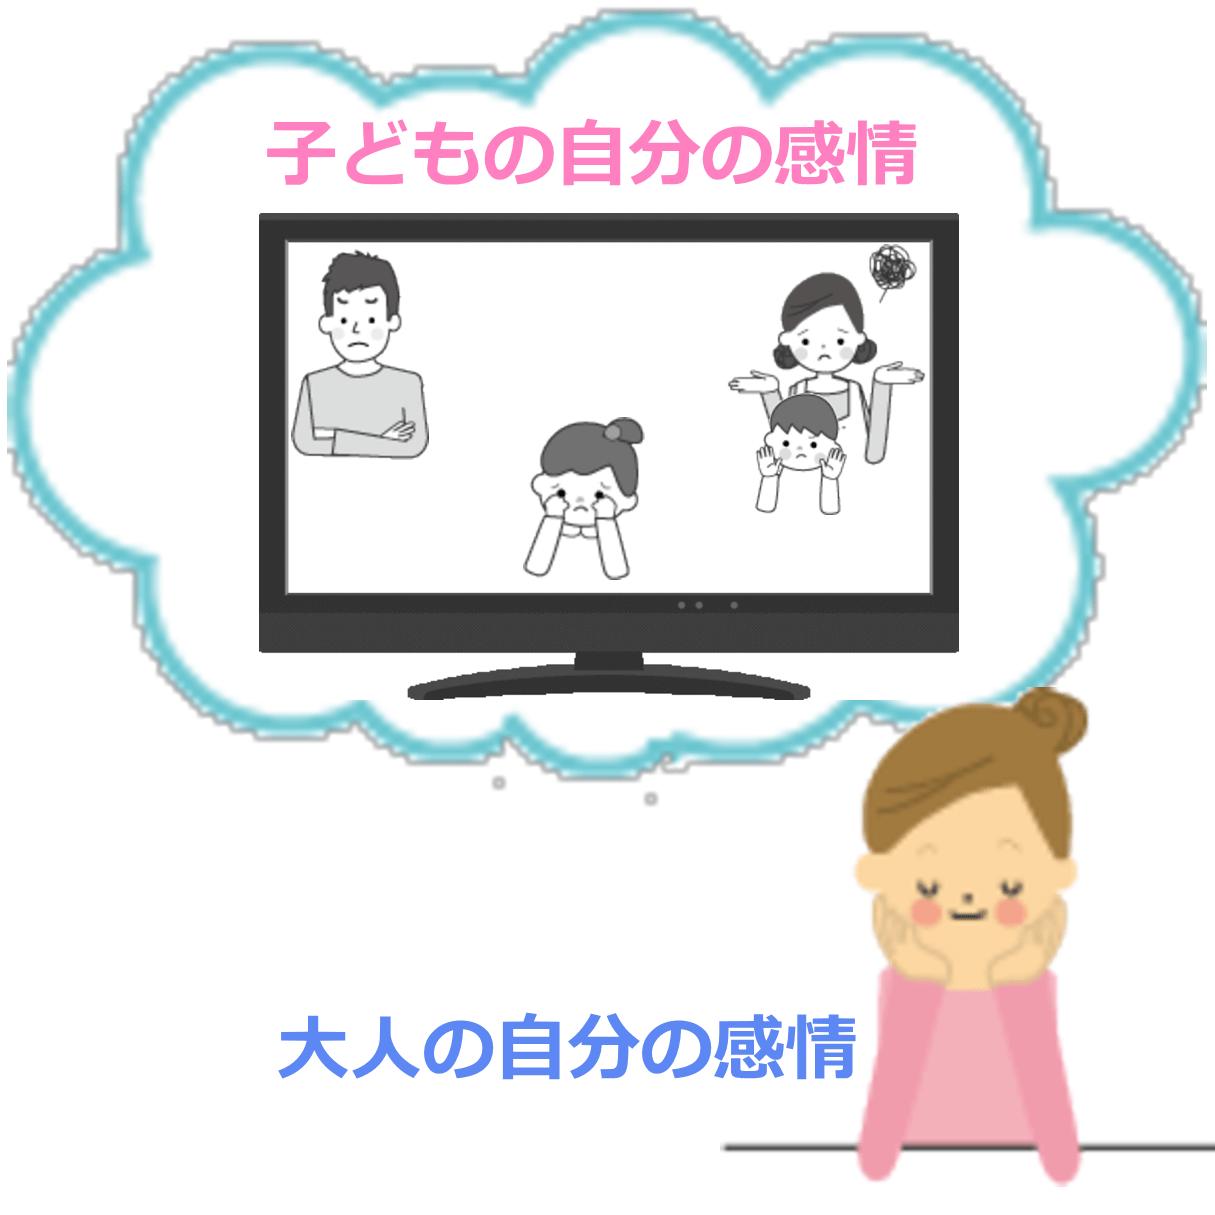 大人の感情と子供の感情を分離している状態を説明しているイラスト